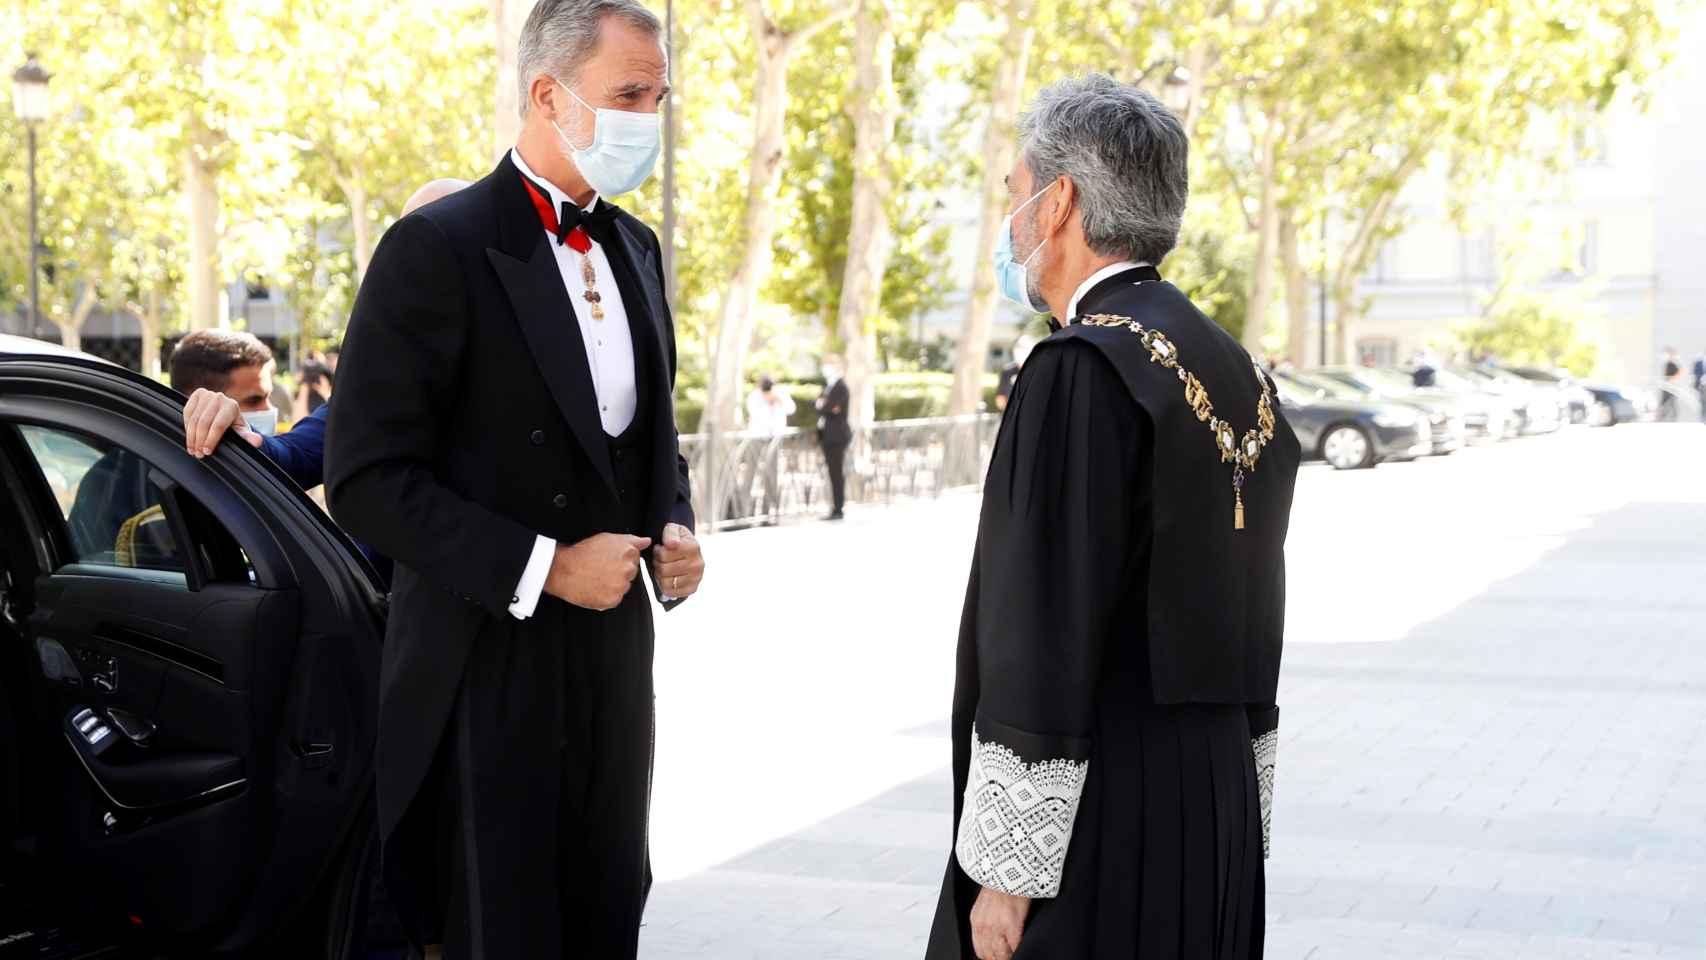 El rey Felipe VI es recibido por el presidente del Consejo General del Poder Judicial (CGPJ), Carlos Lesmes (d), antes de inaugurar el año judicial.